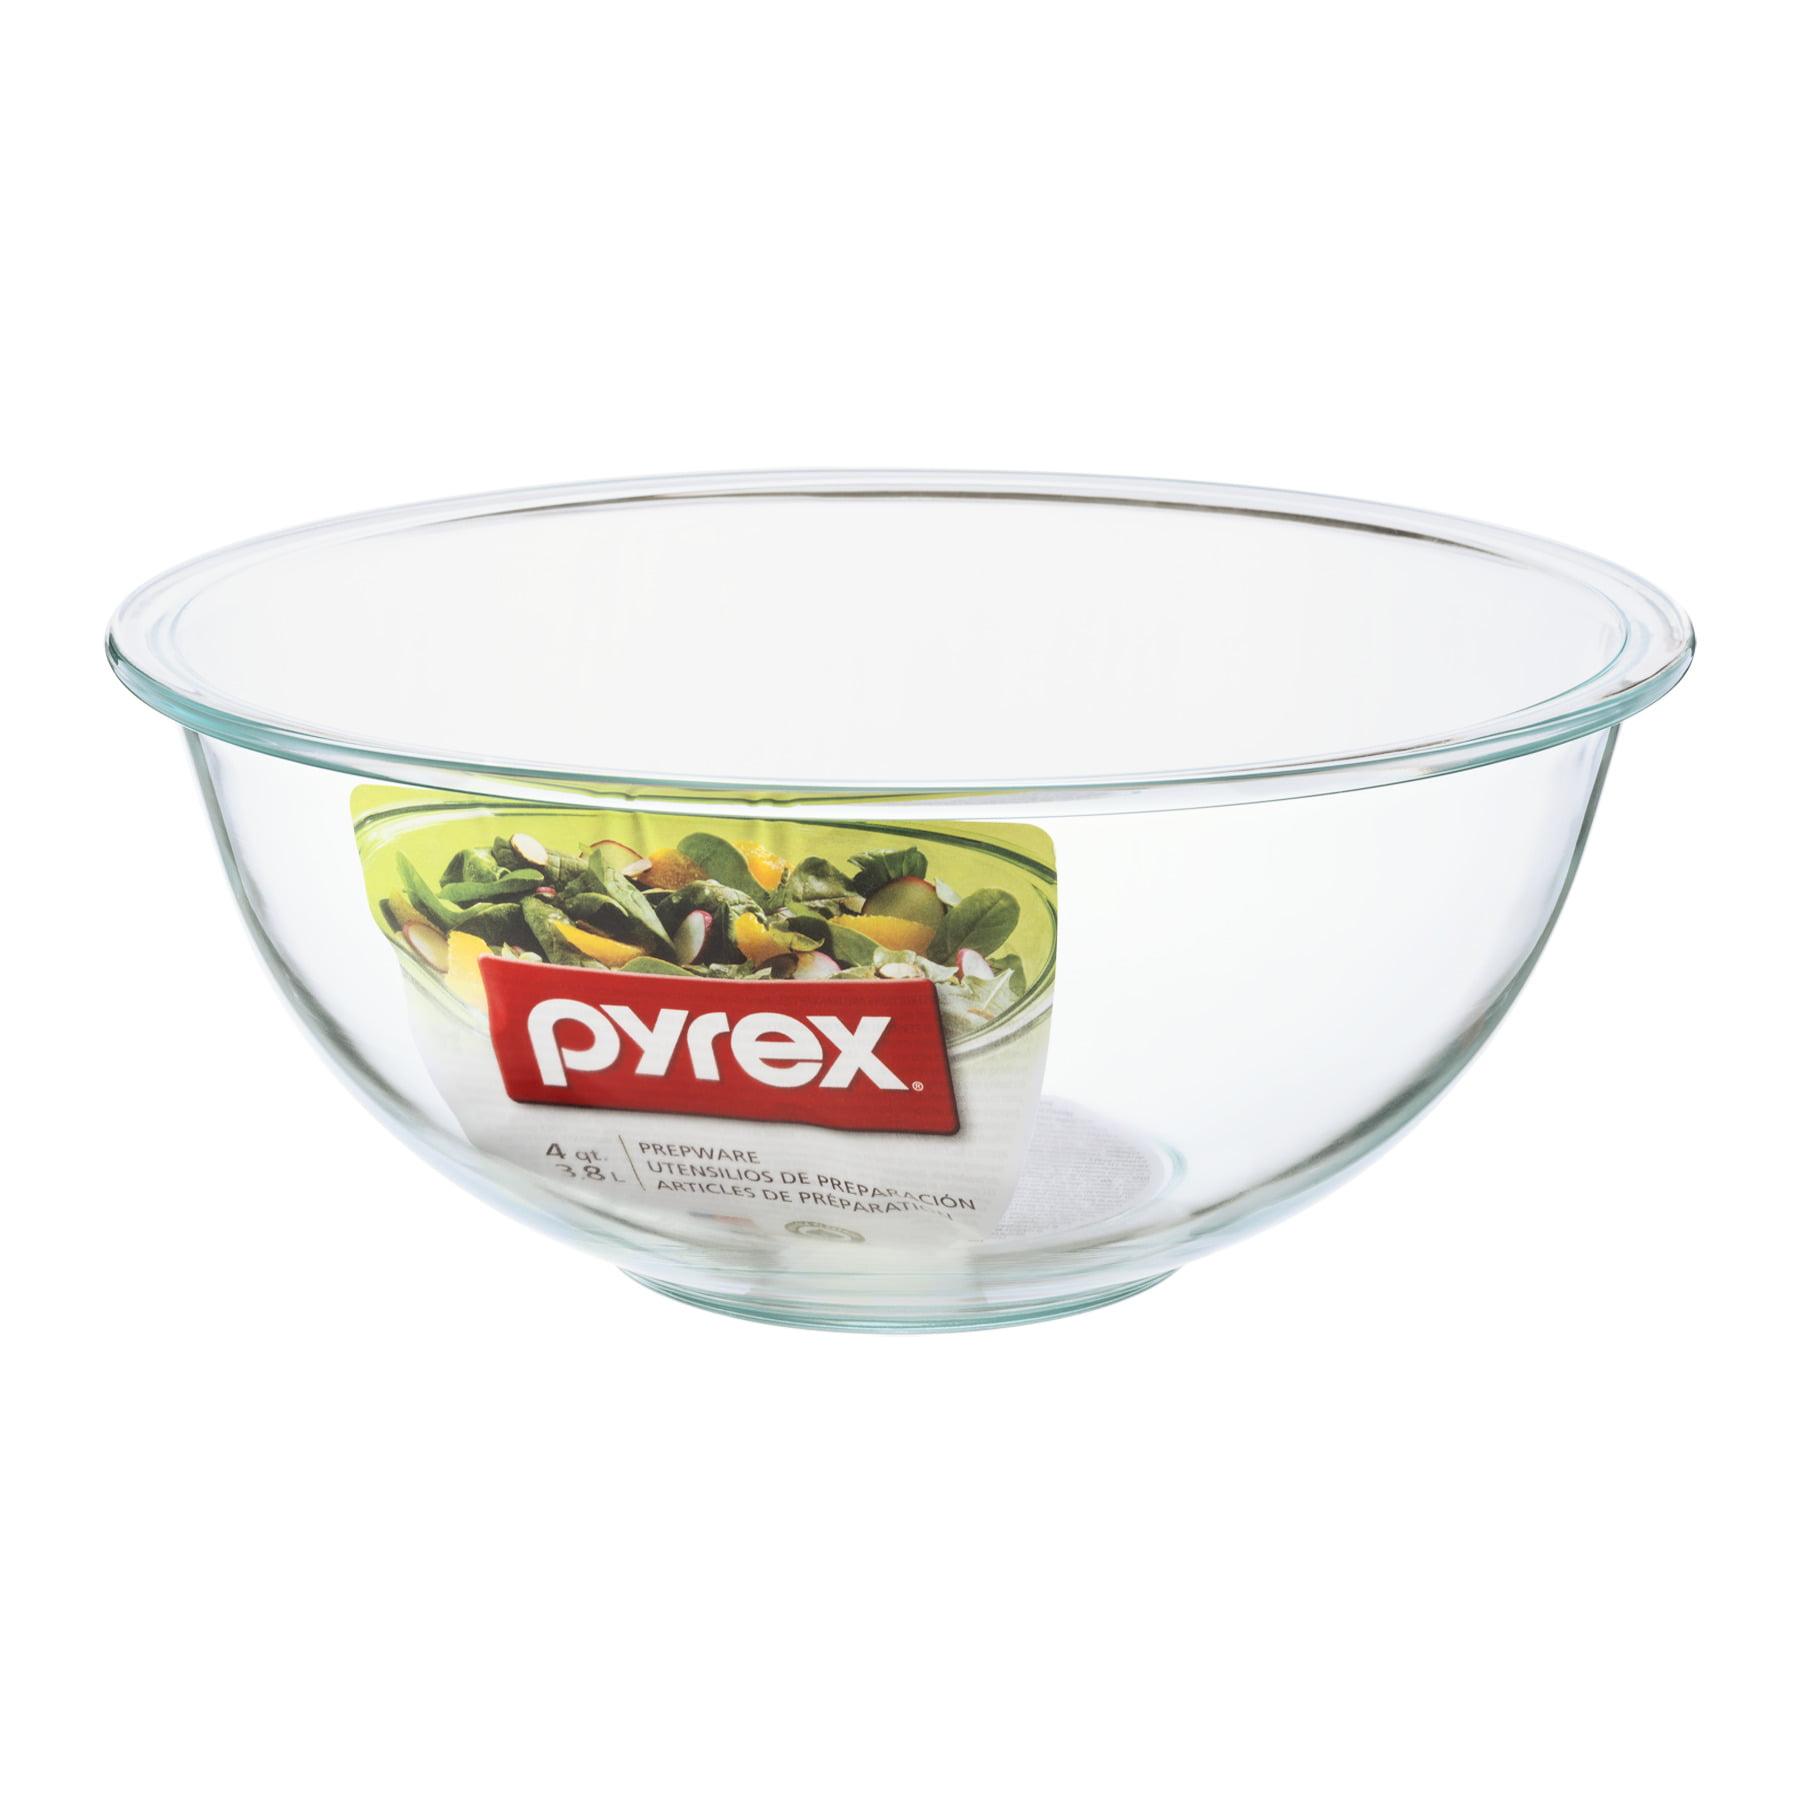 Pyrex Prepware Mixing Bowl Clear - 4 QT, 4.0 QT - Walmart.com